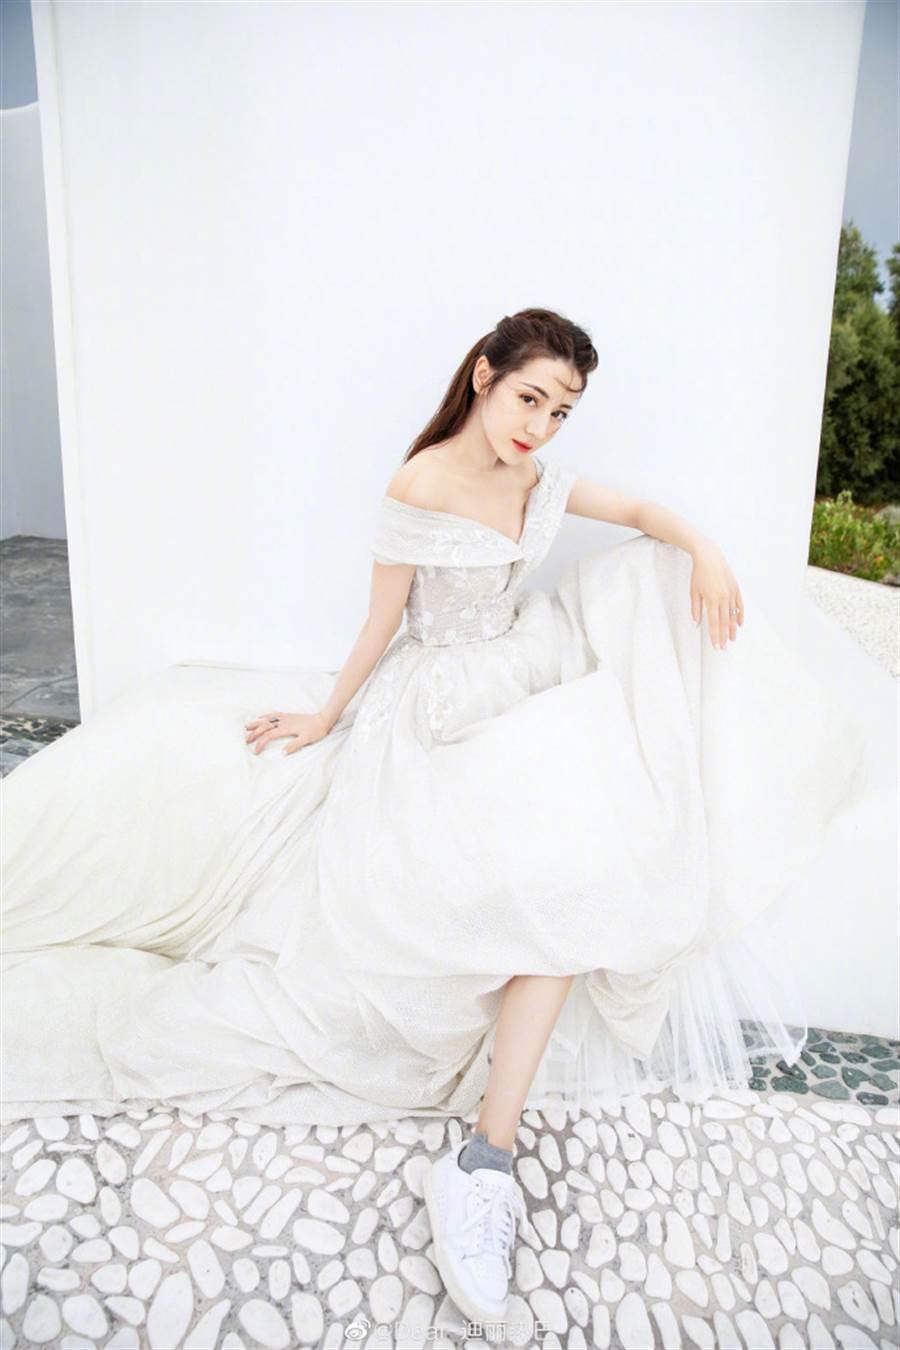 迪麗熱巴一拉白紗裙擺,露出的竟是一雙白色球鞋。(圖/取材自迪麗熱巴微博)